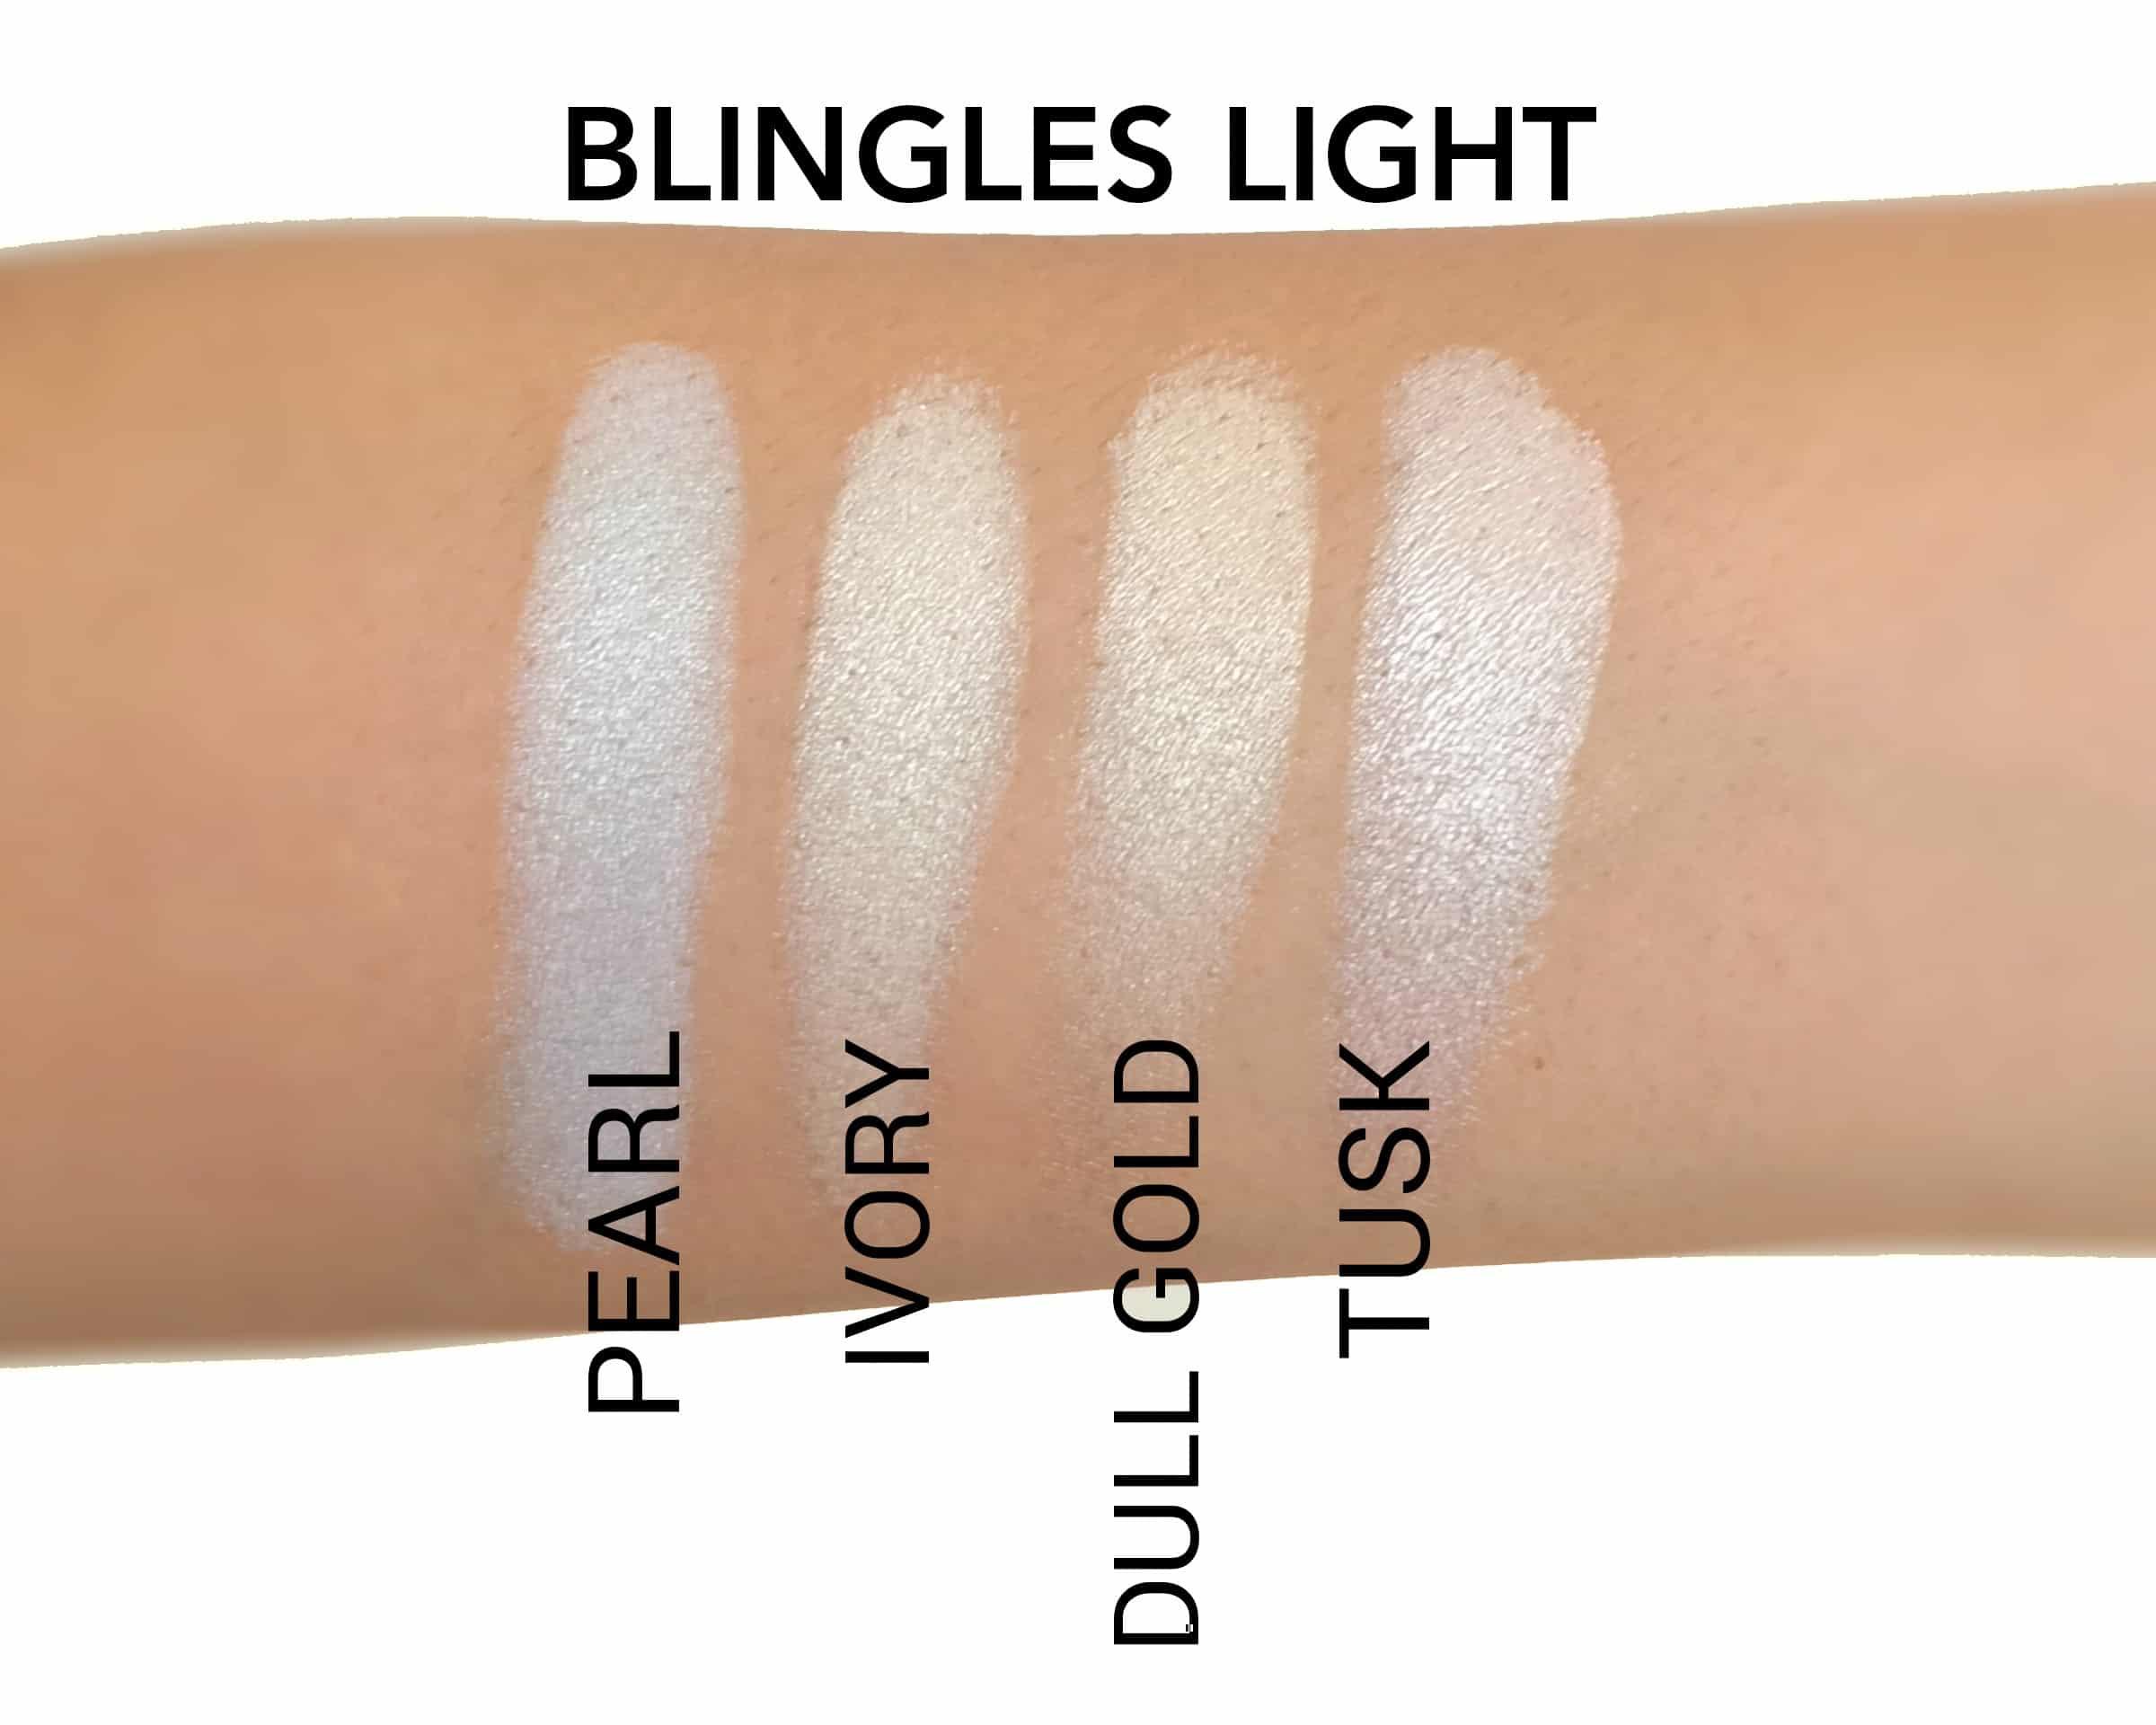 BLINGLE-LIGHT-1-min